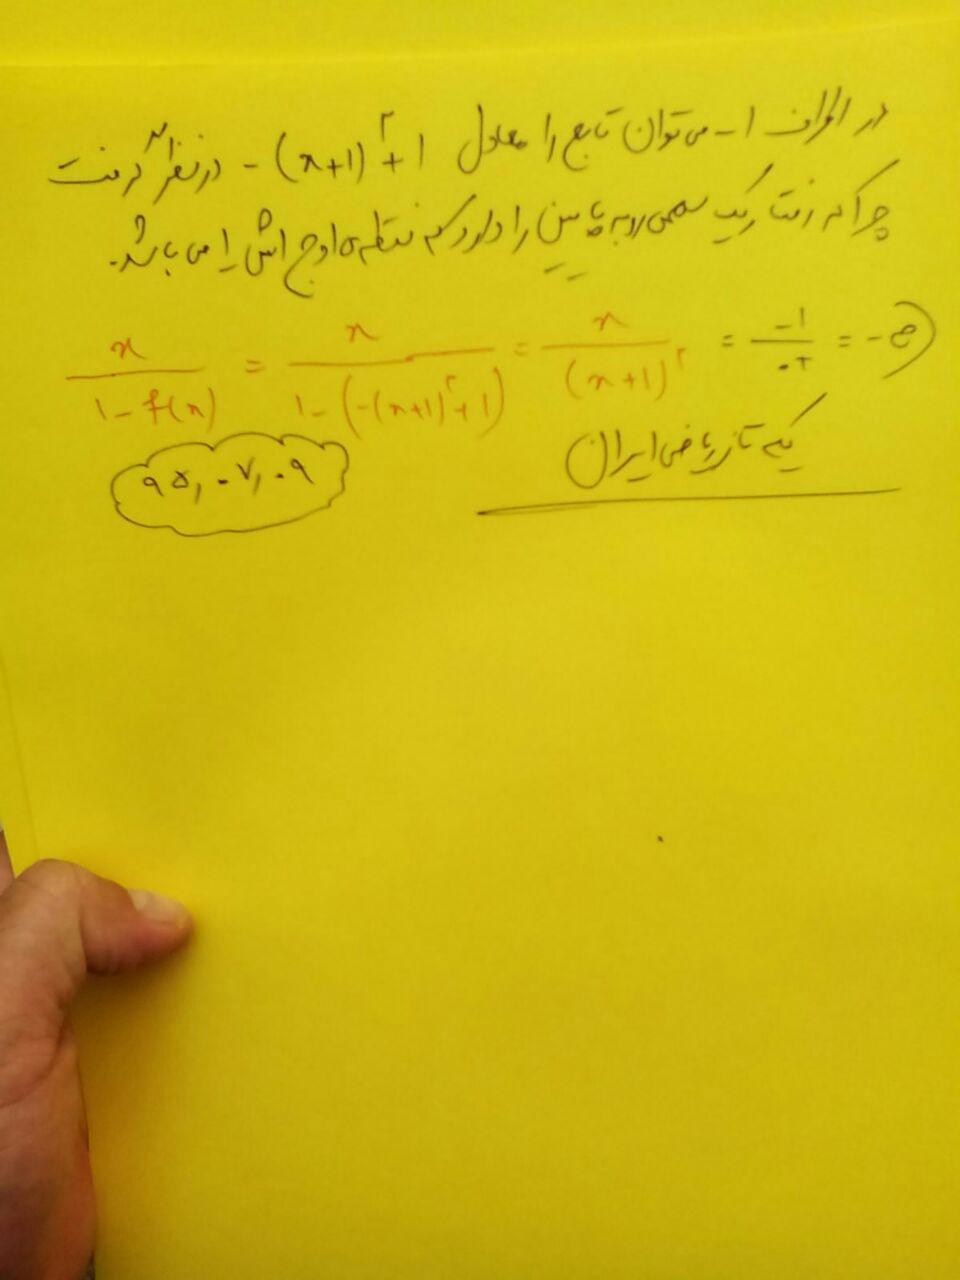 حل تکنیکی آزمون ریاضی حد 9مهرکانون